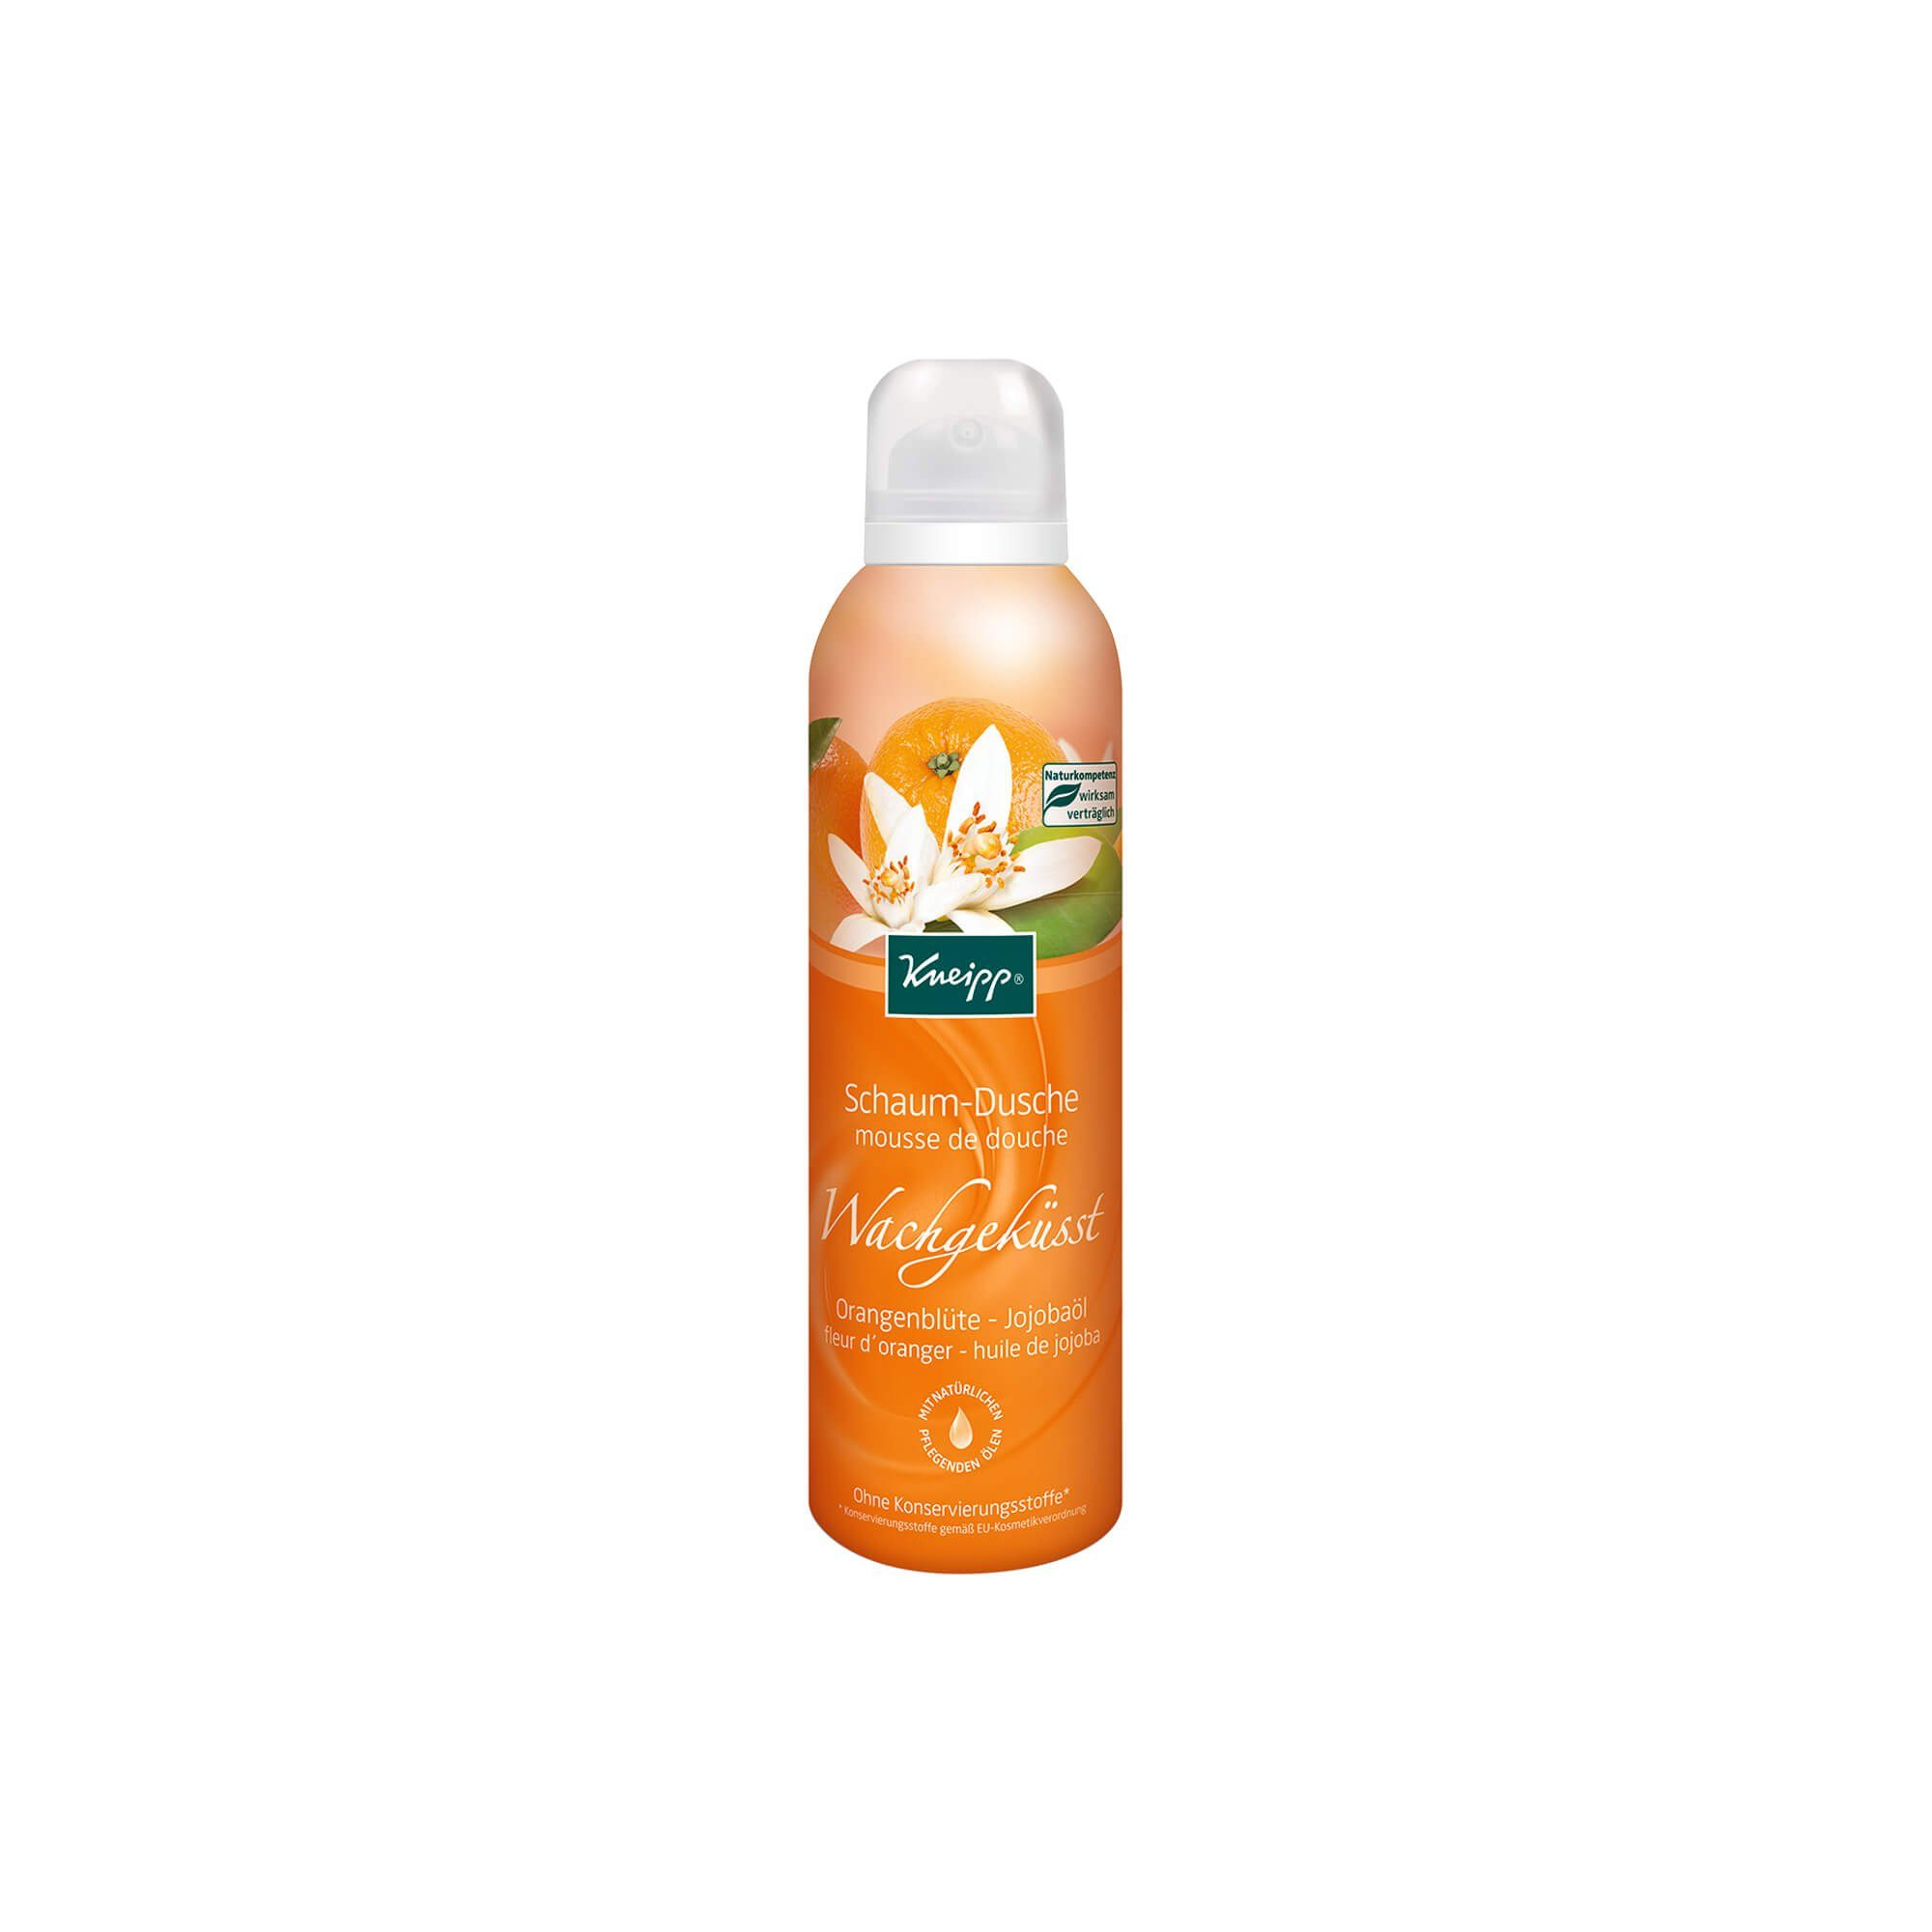 Kneipp Schaum-Dusche Wachgeküsst, 200 ml